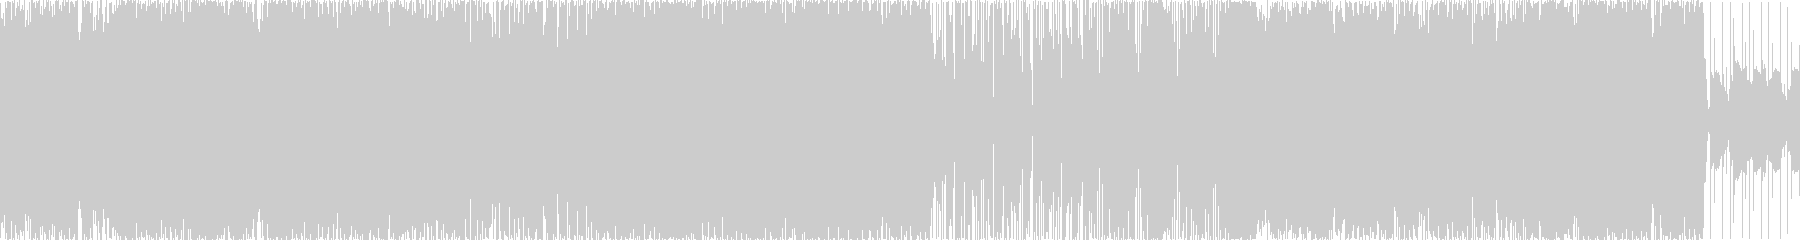 軽快なリズムのポップなロックの未再生の波形